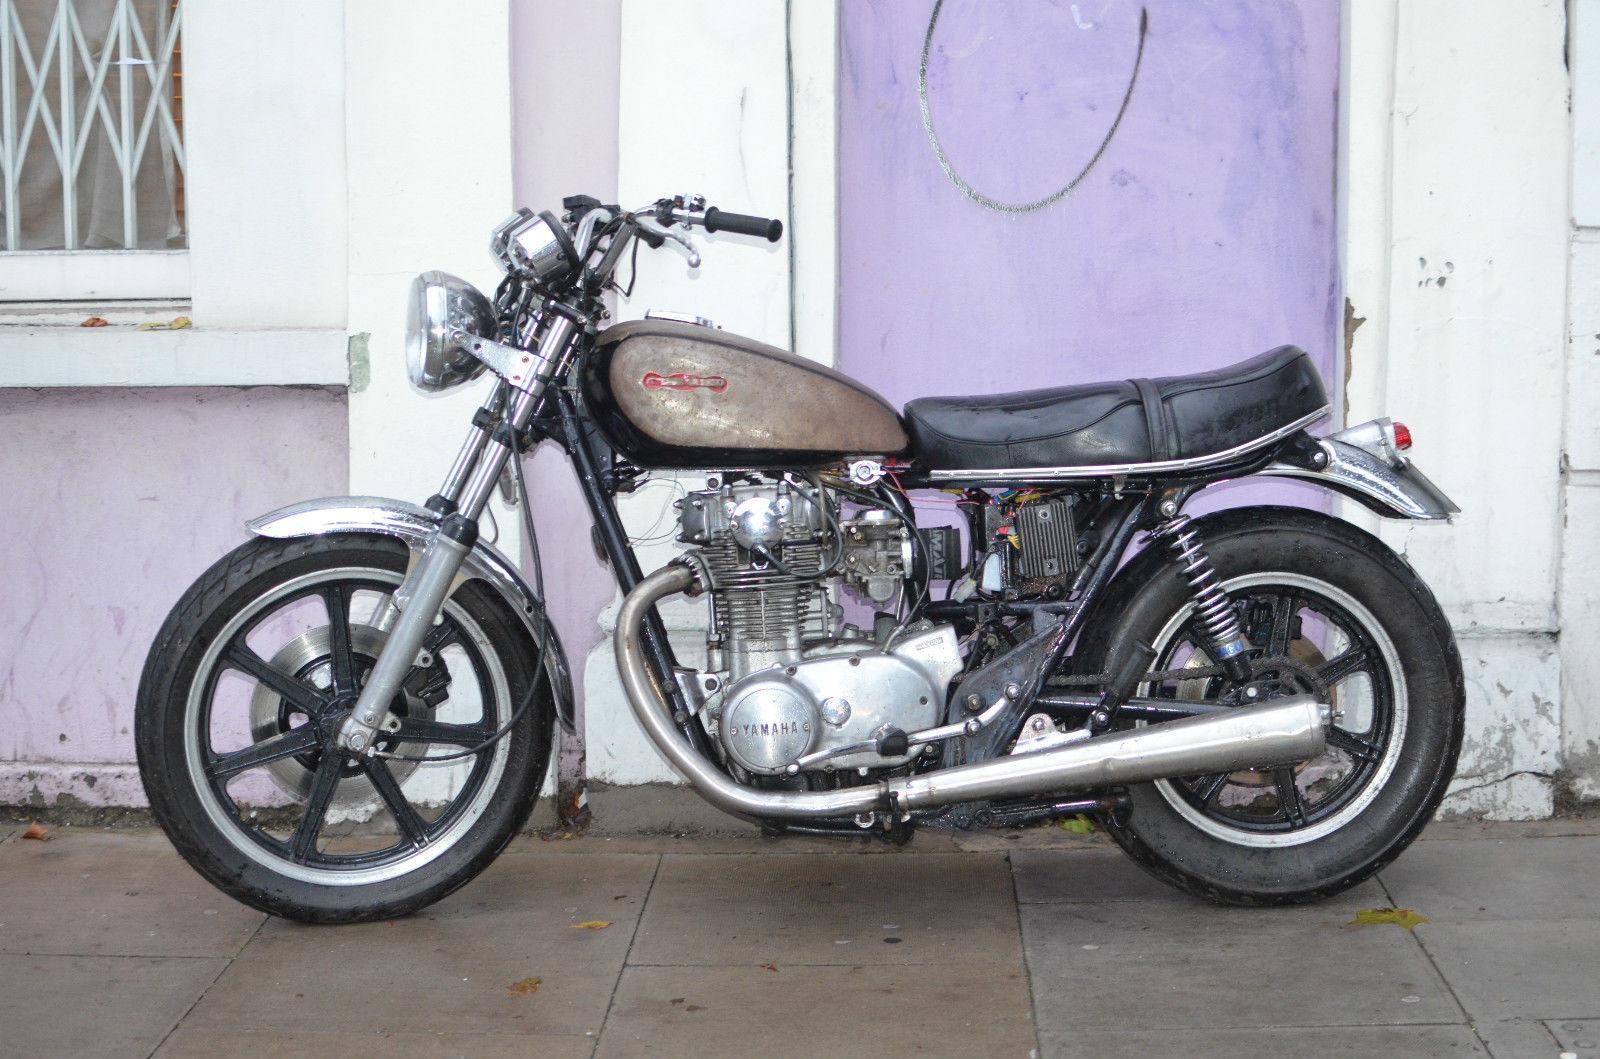 1978 yamaha xs650 bobber